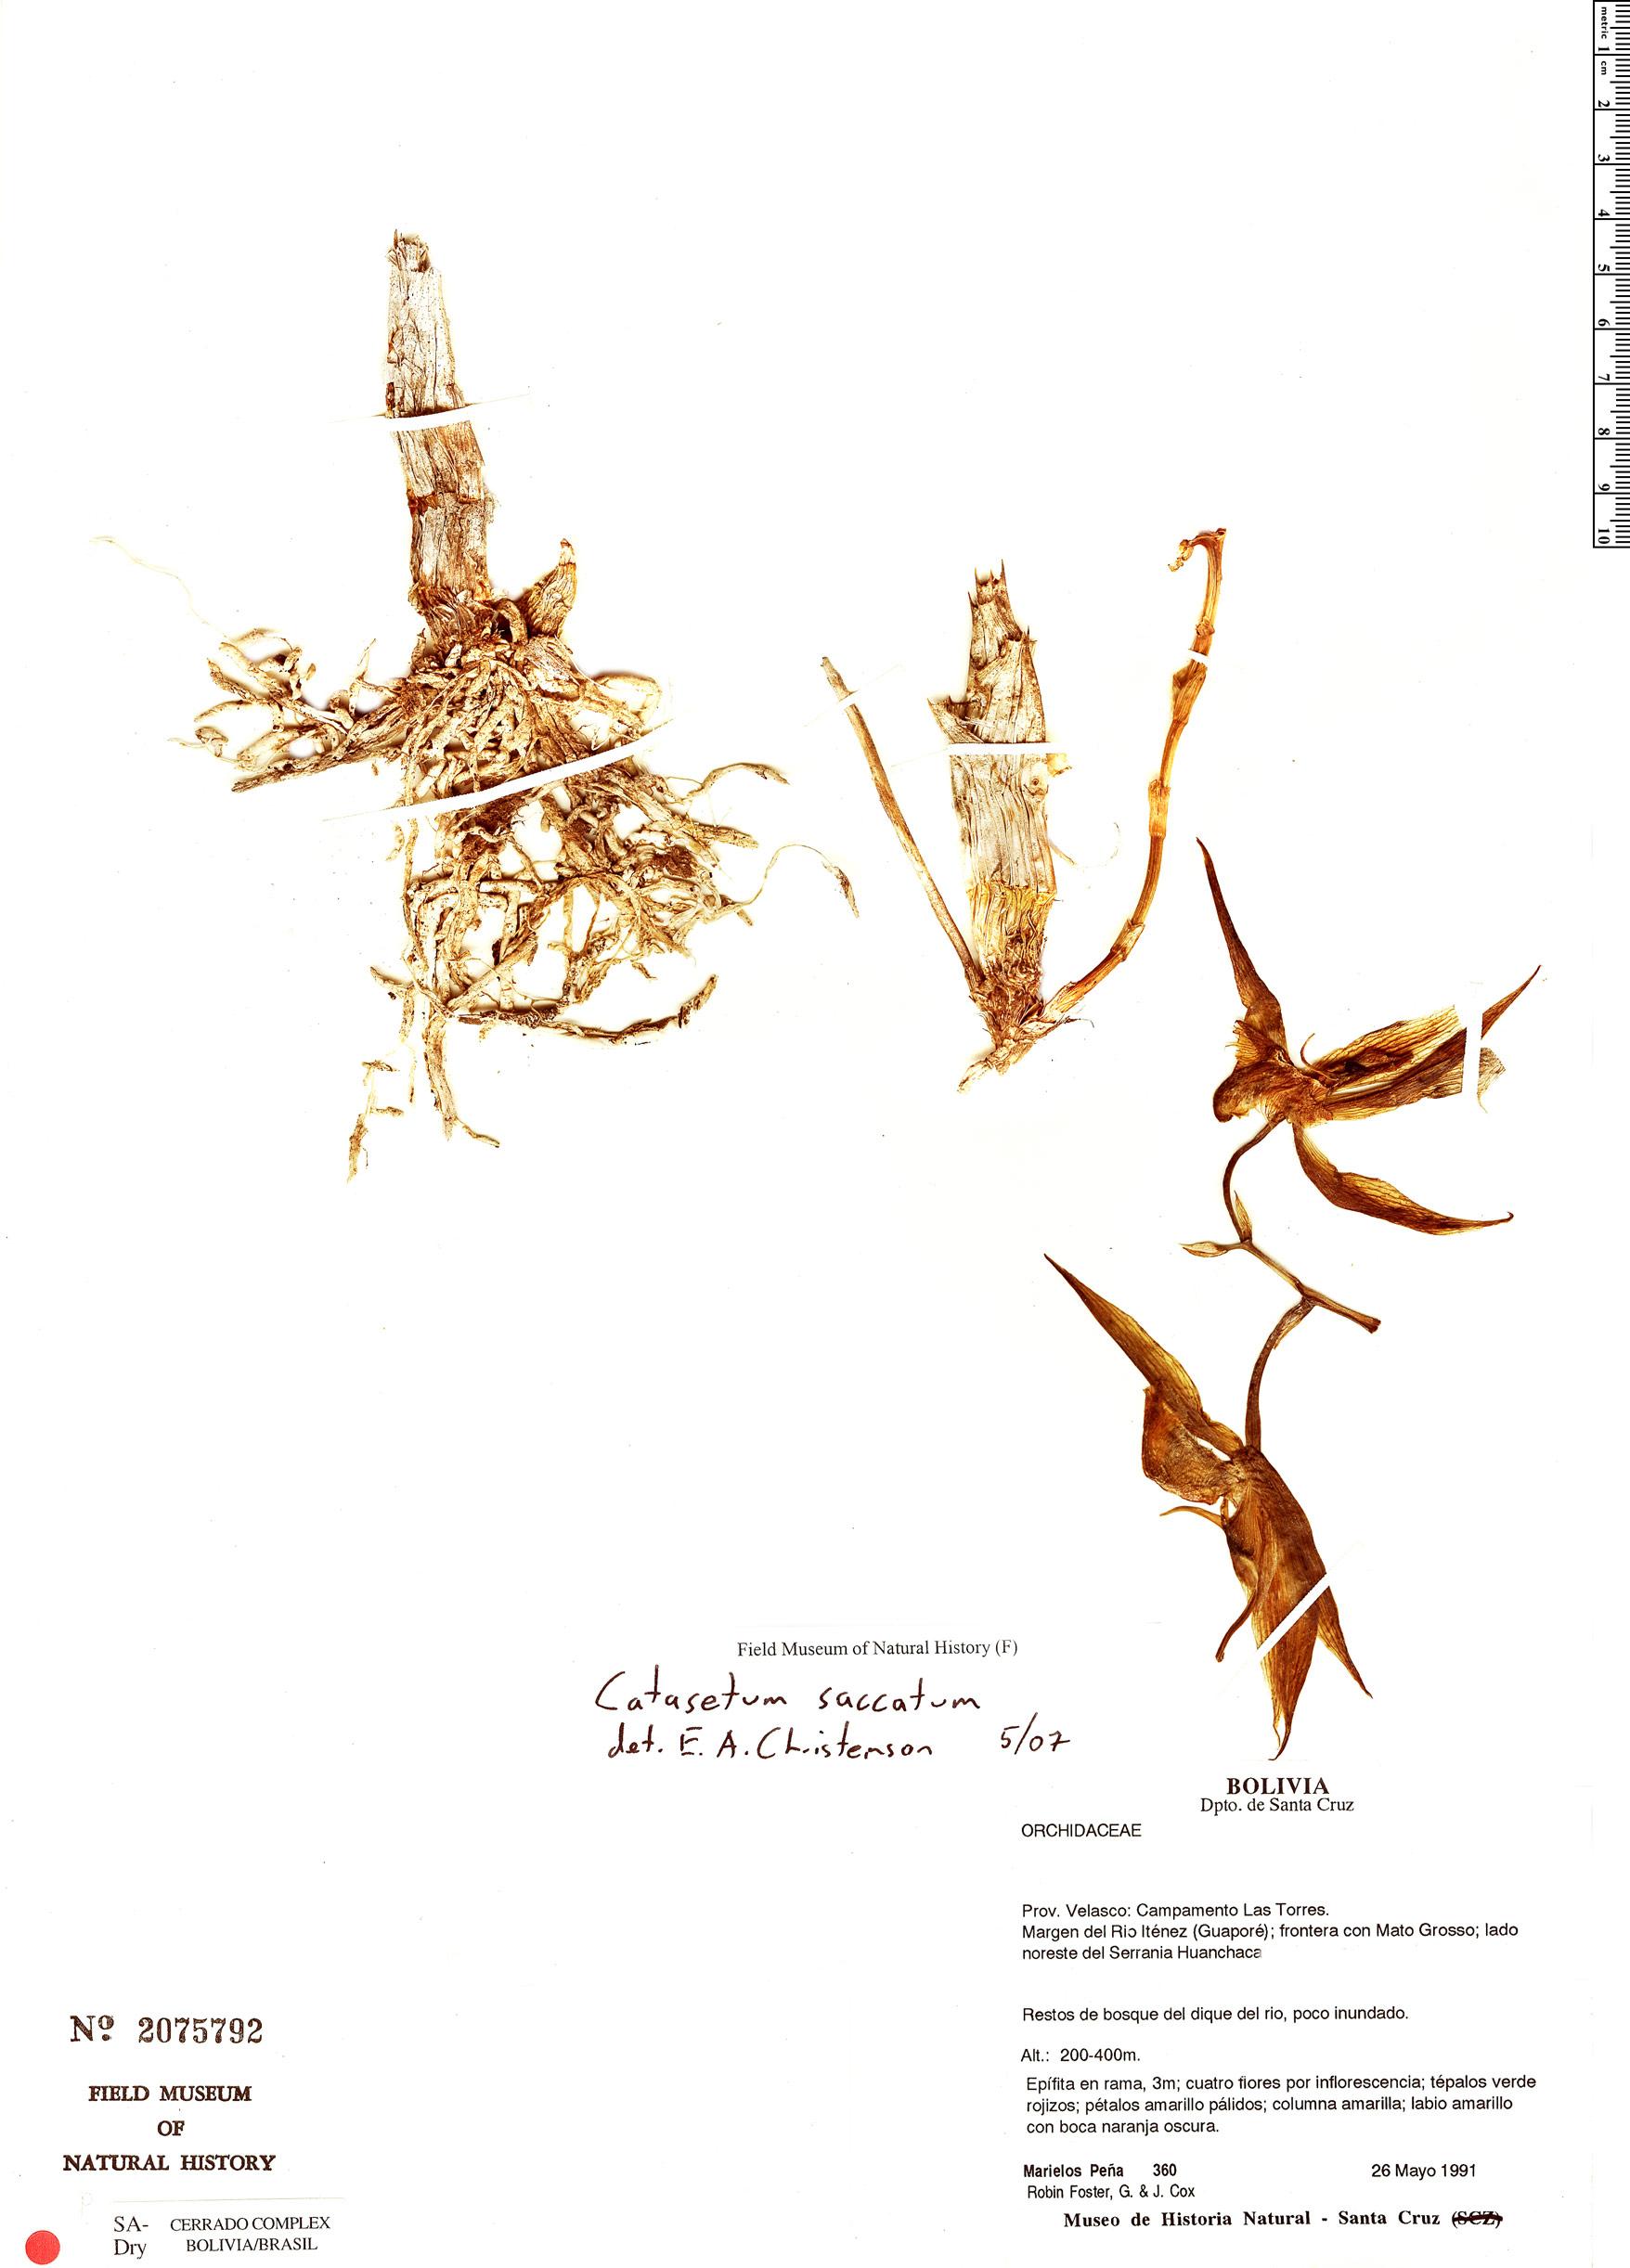 Specimen: Catasetum saccatum